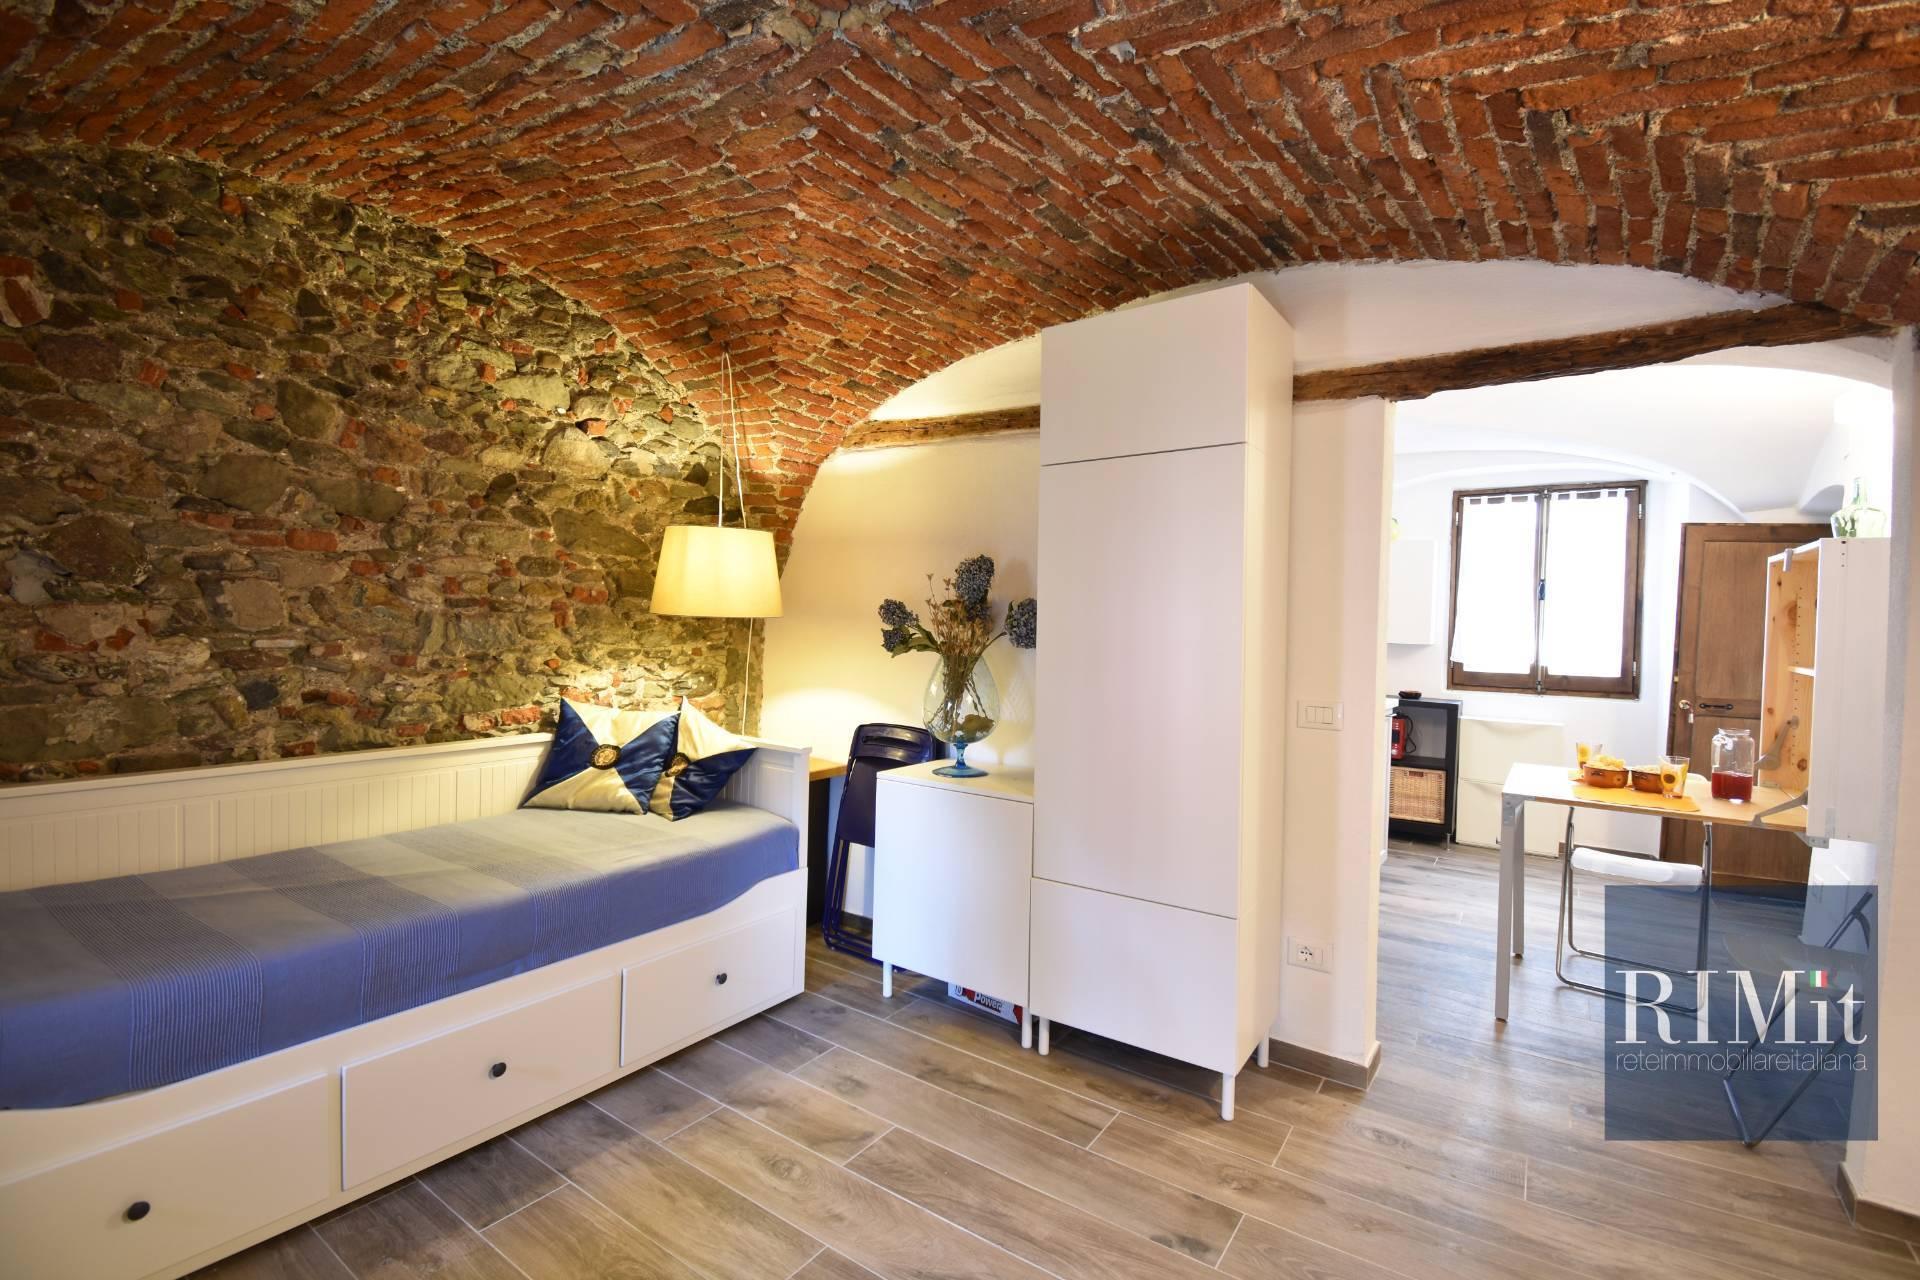 Appartamento in affitto a Sassello, 2 locali, zona Località: CentroStorico, prezzo € 400 | PortaleAgenzieImmobiliari.it